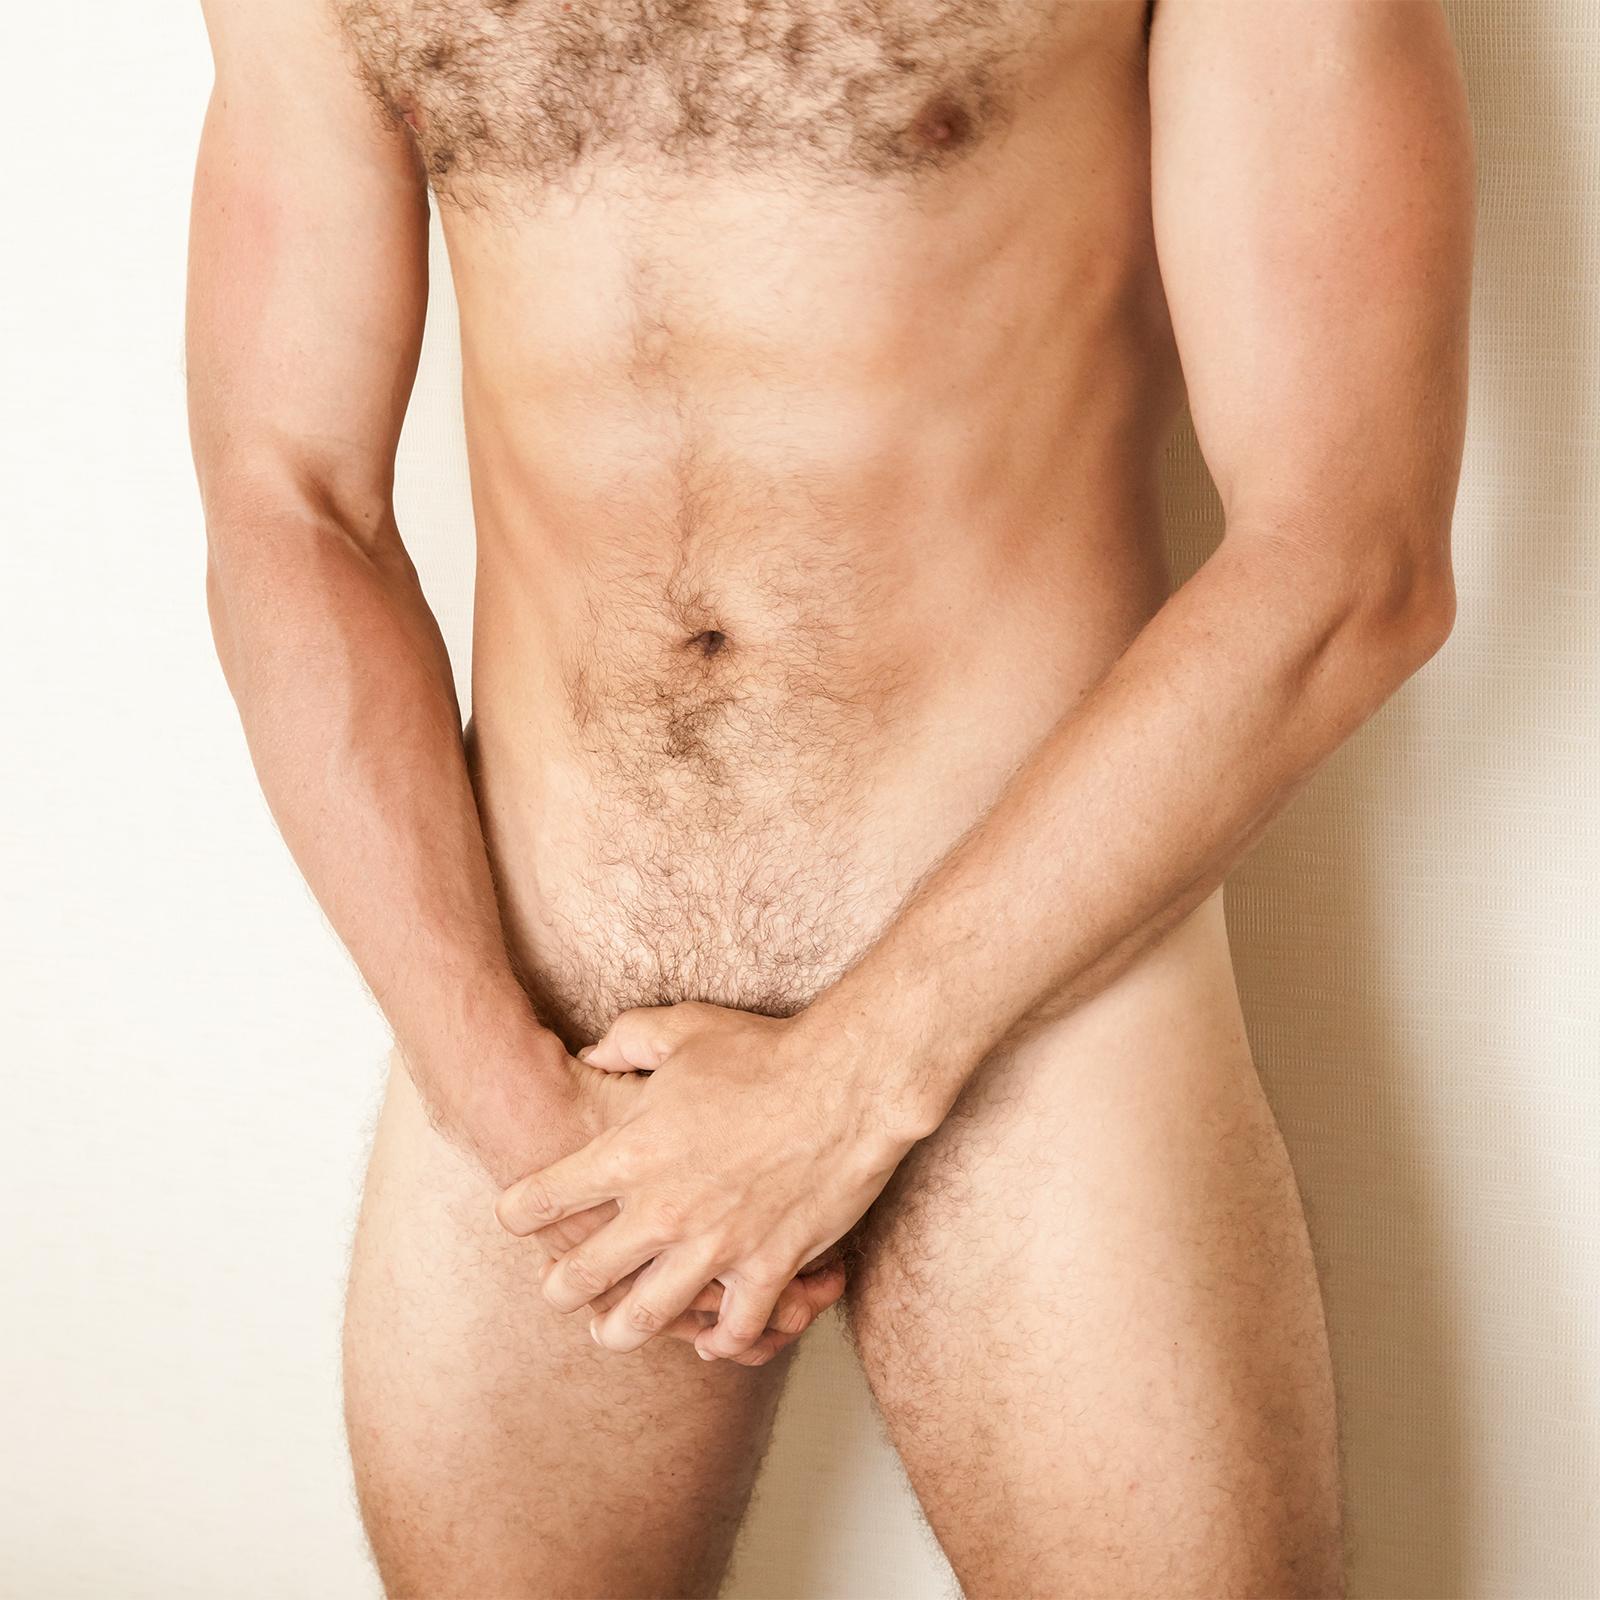 férfi péniszét fotózta le Laura Dodsworth fényképész (18+)